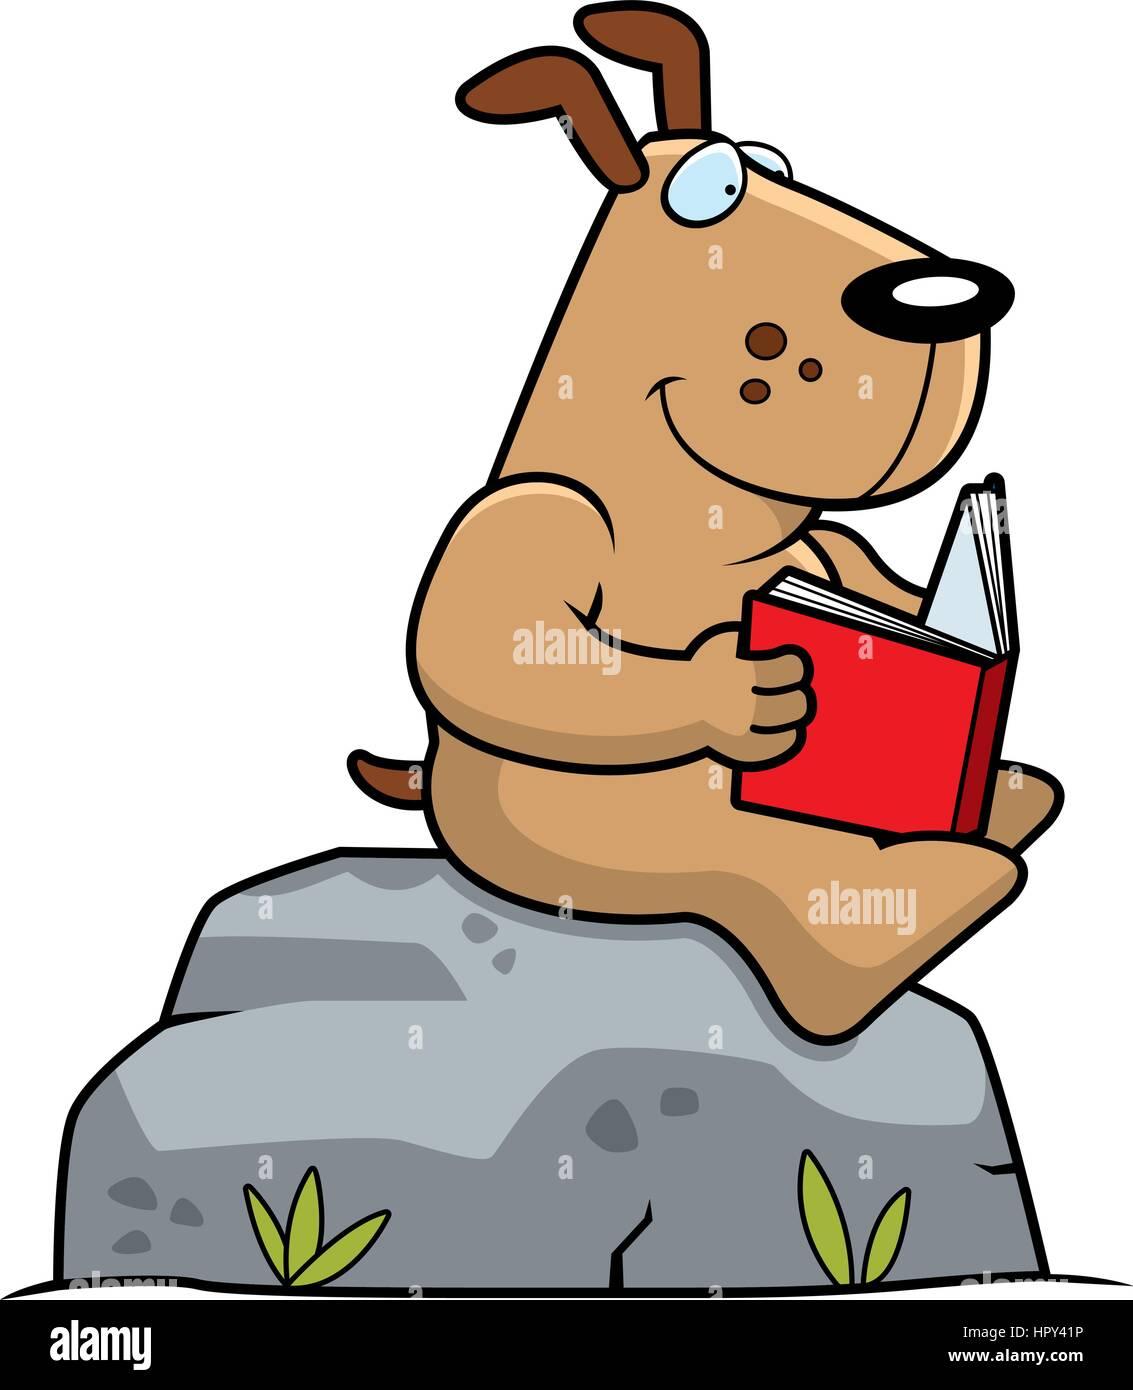 Un Perro De Dibujos Animados De Leer Un Libro Sobre Una Roca